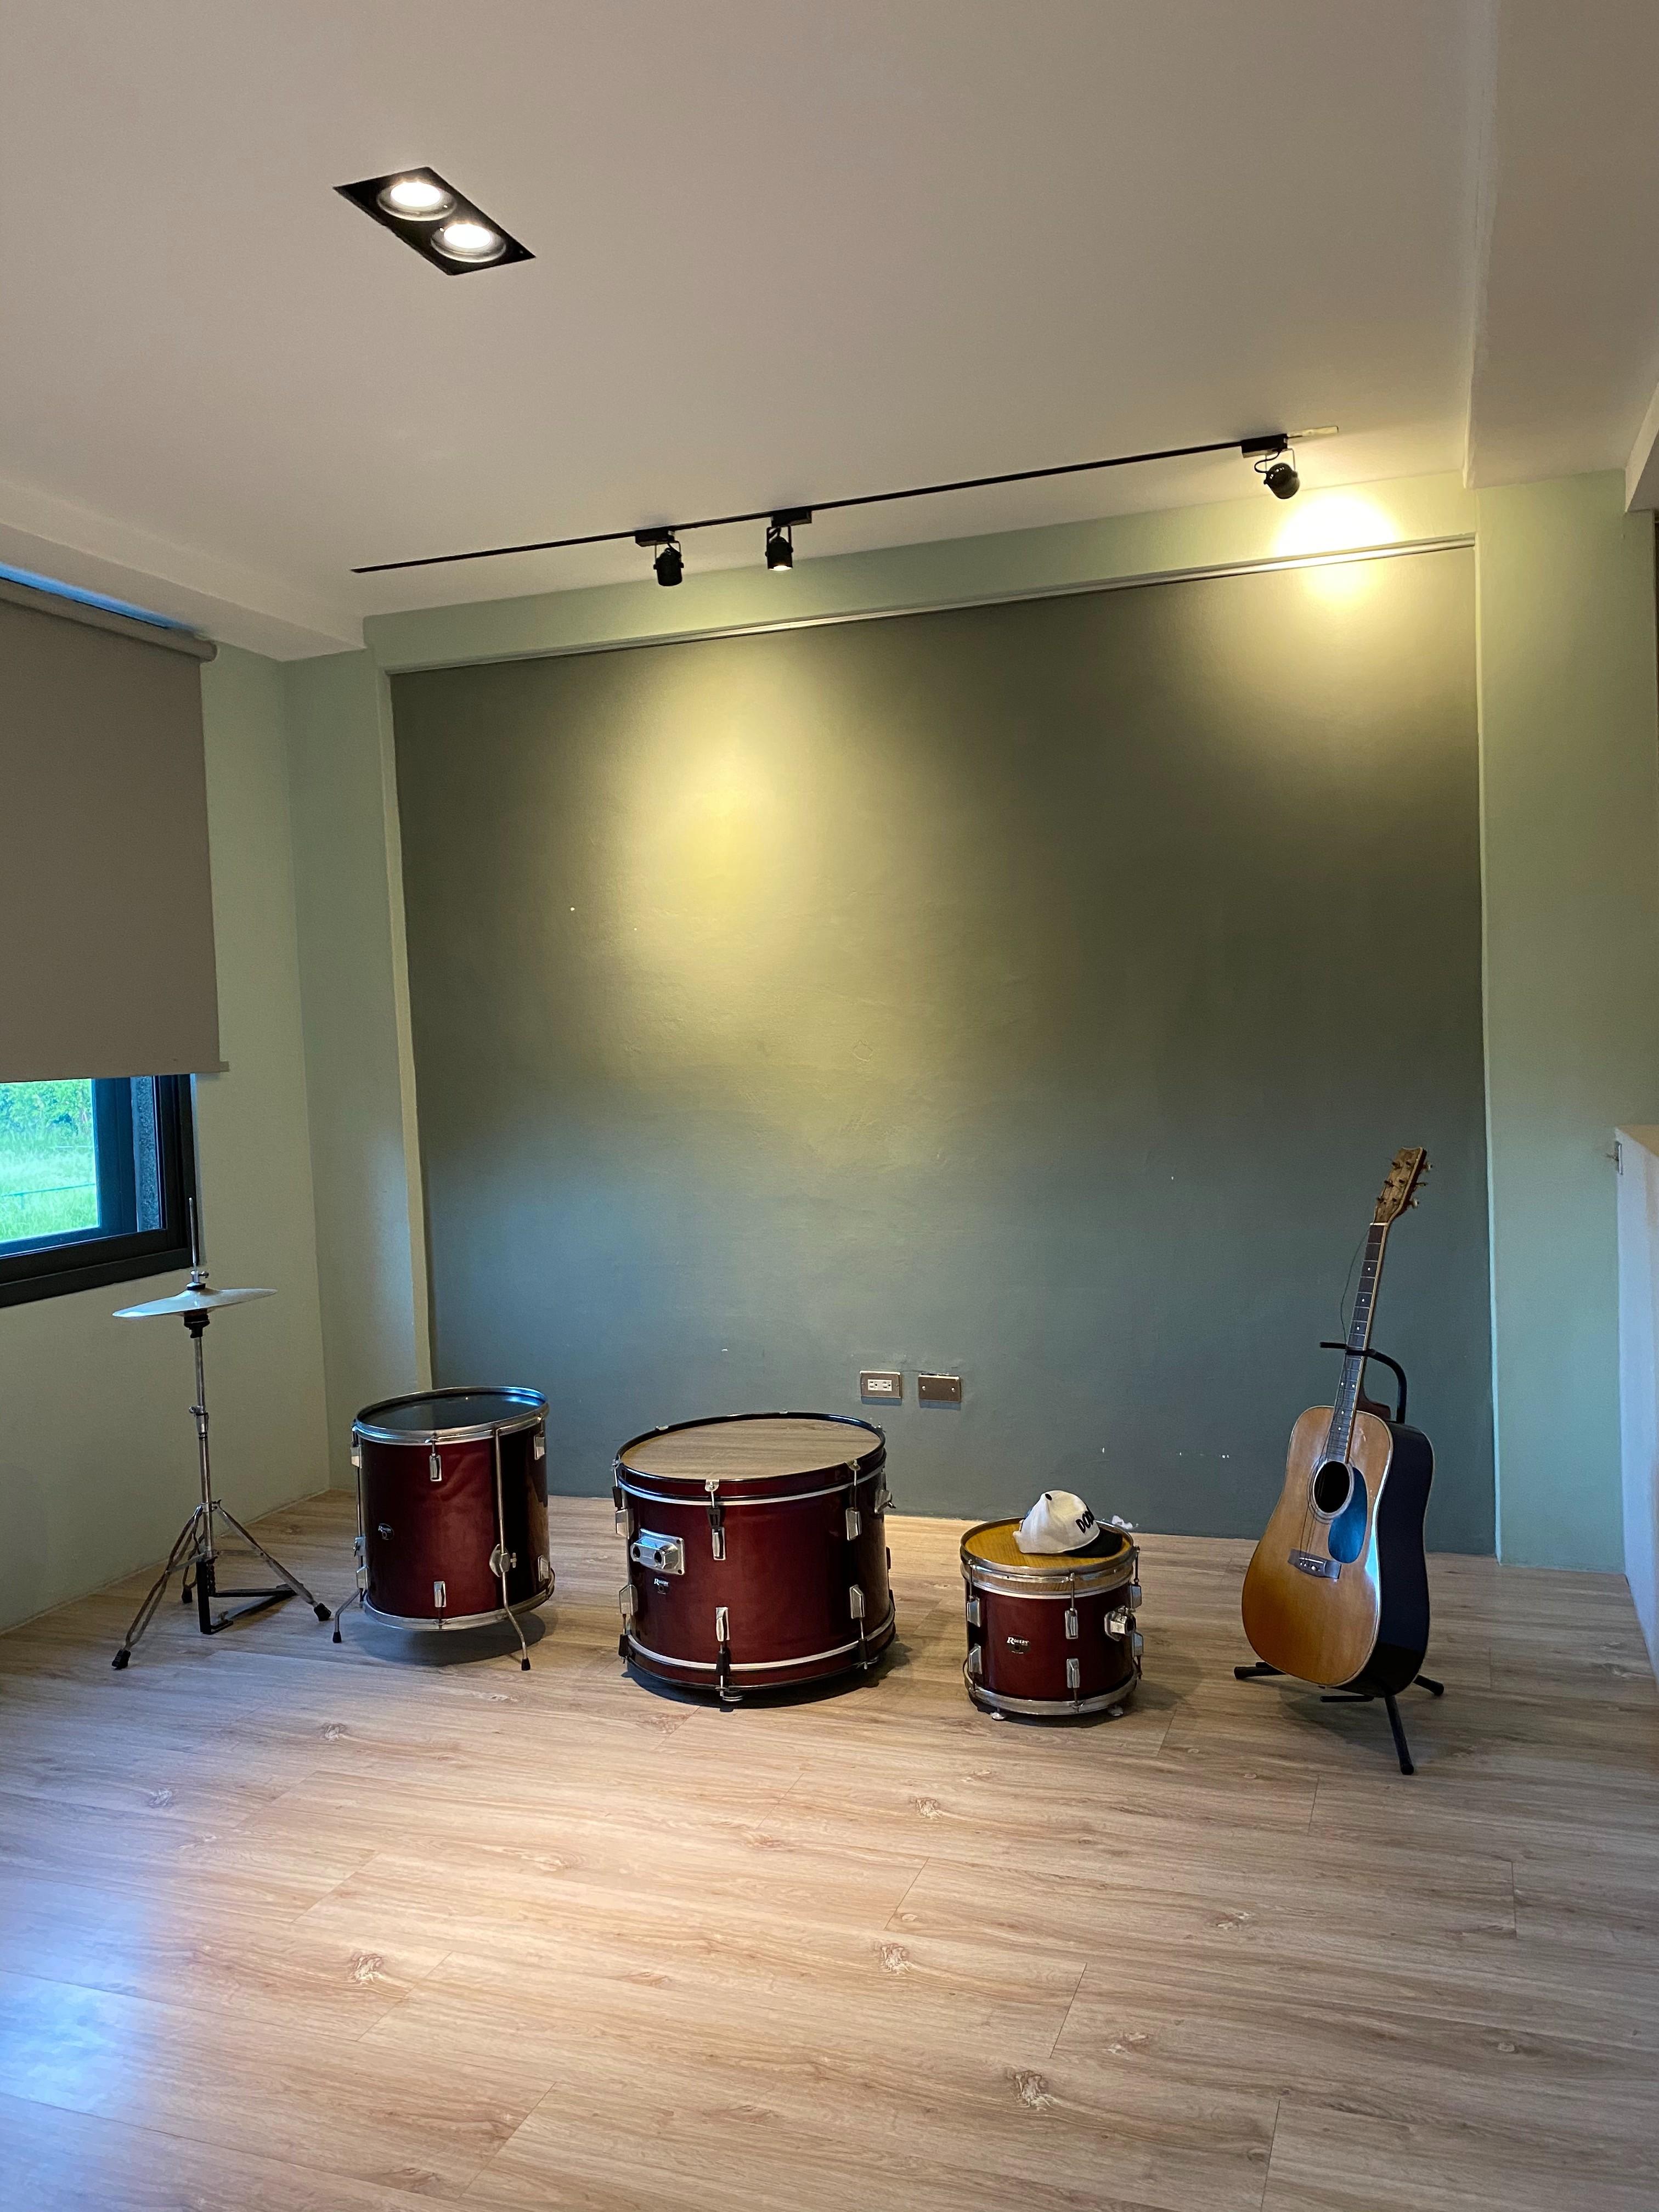 ▲這次特別選擇住在朋友開的民宿,陳小藍形容每間房都很有特色。